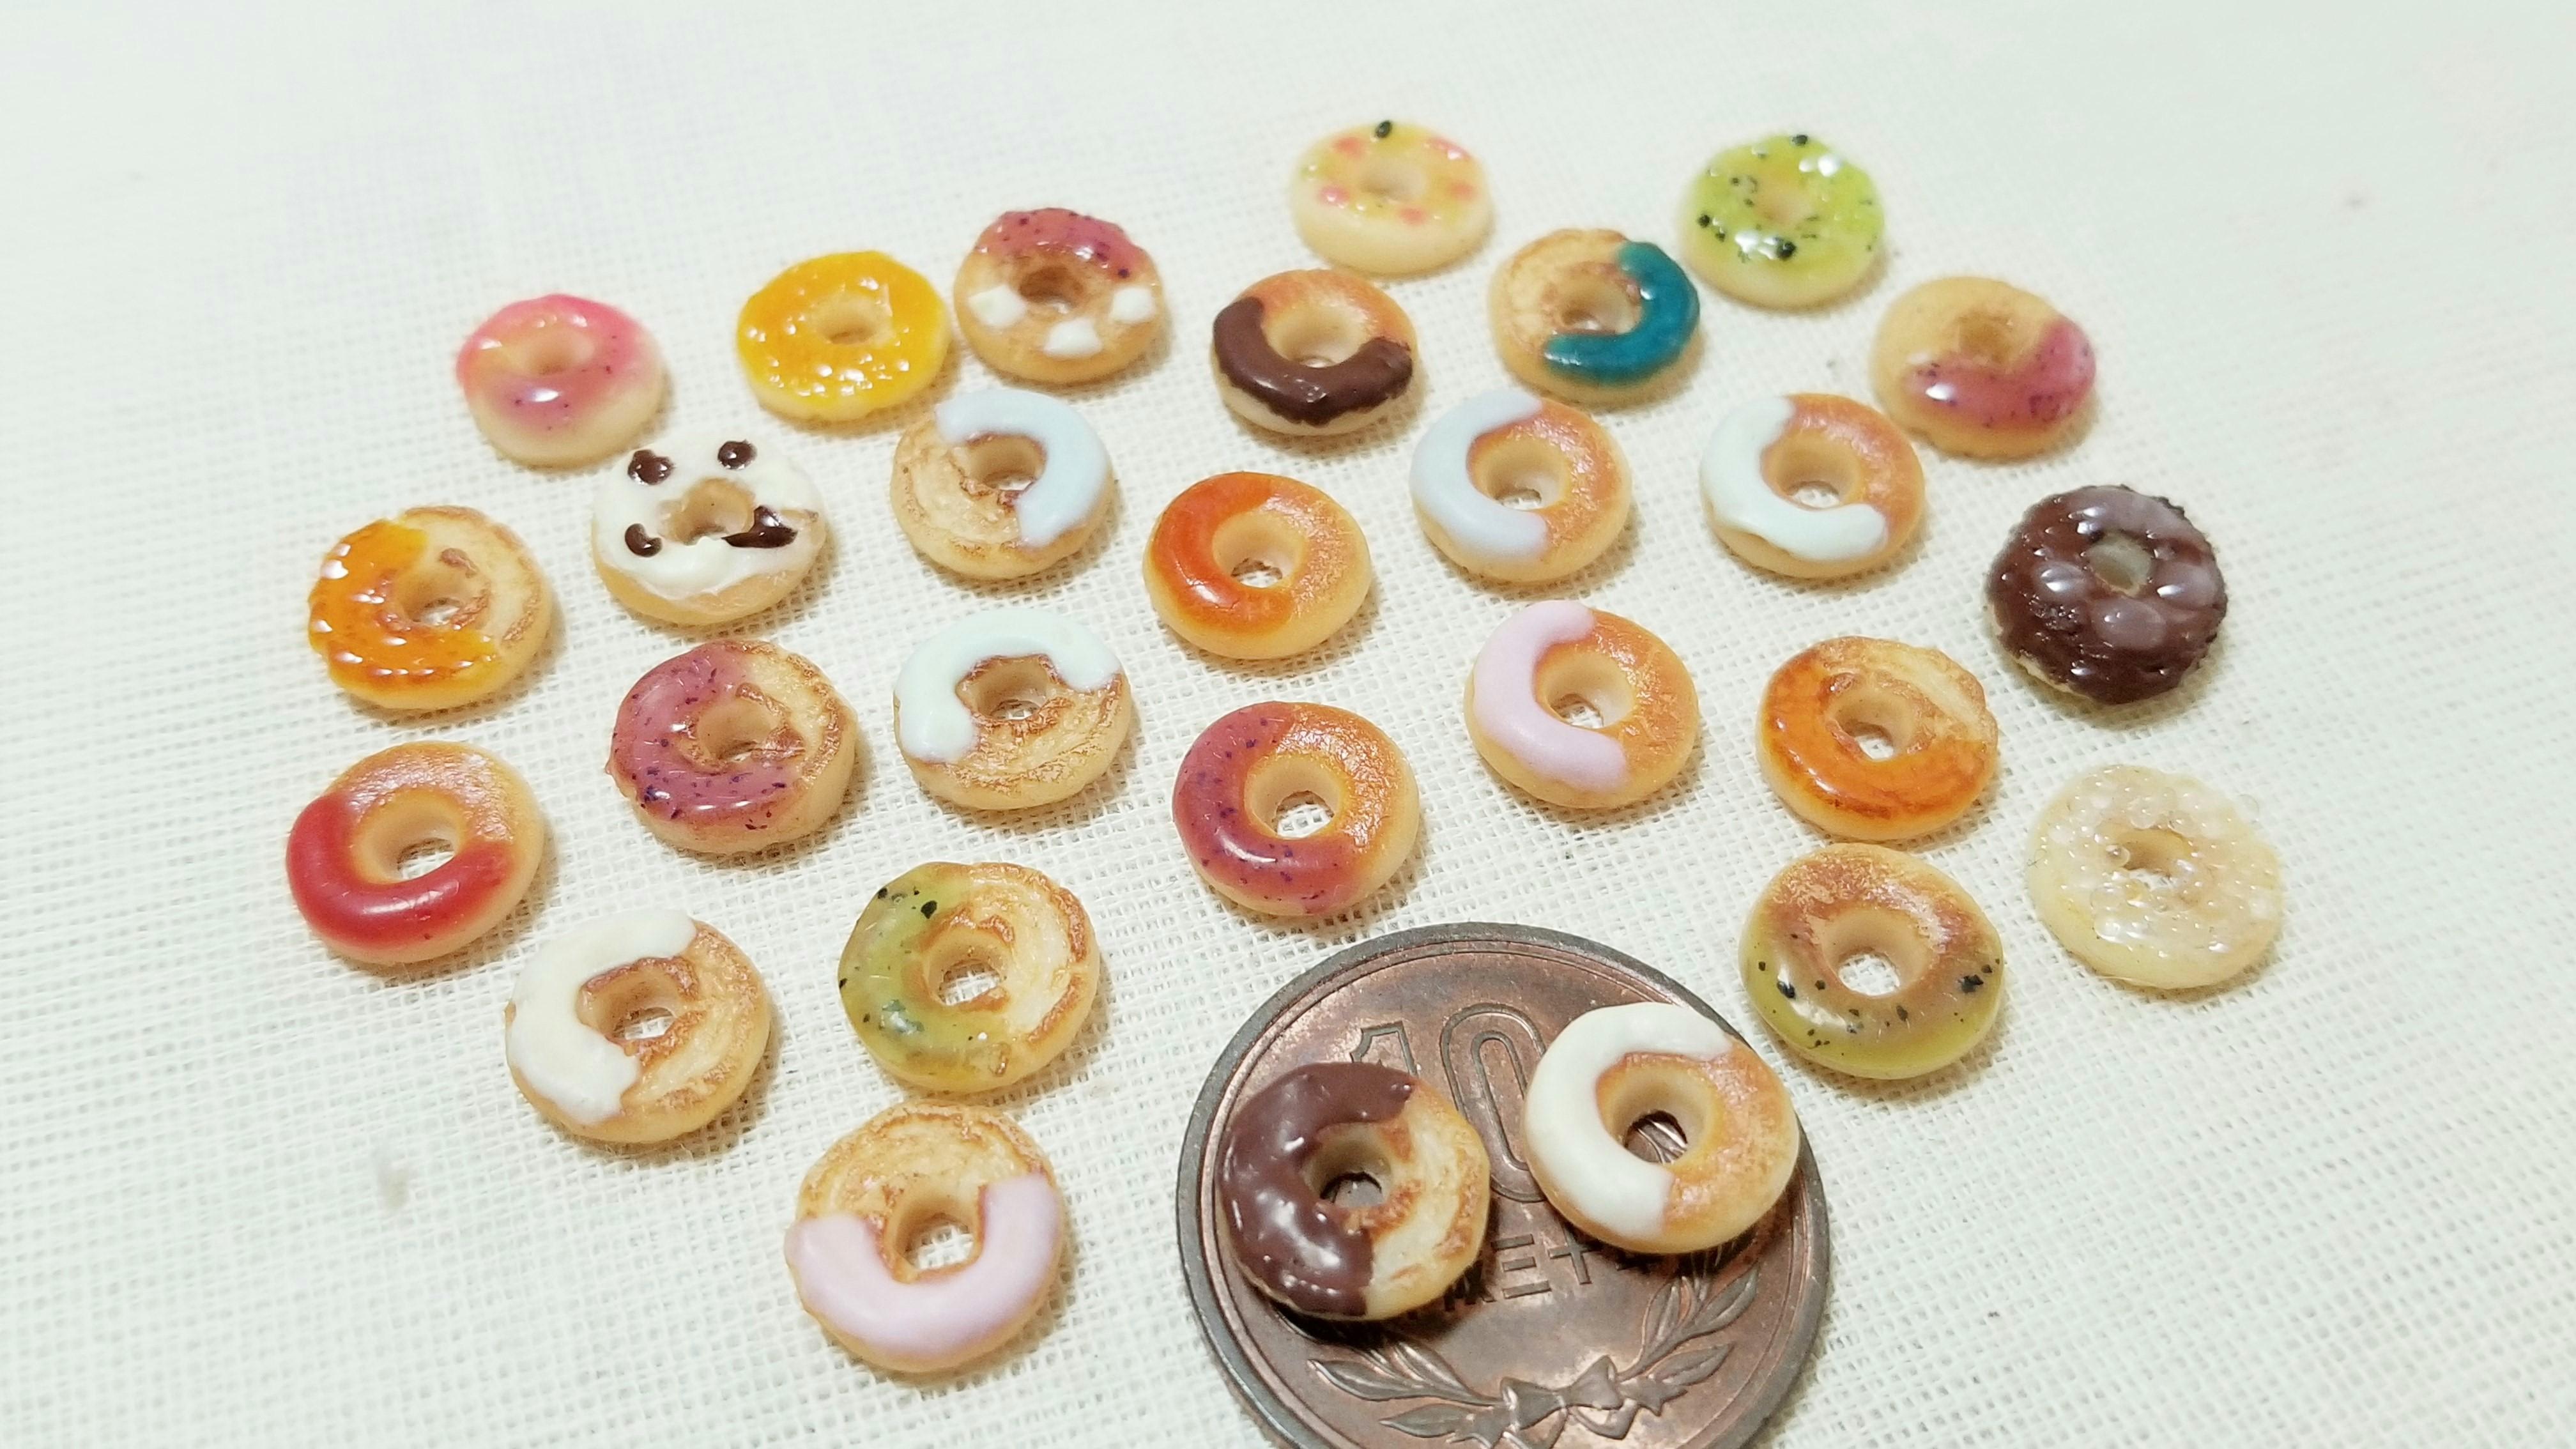 ミニチュアフードドーナツの作り方樹脂粘土かわいい作品アートお菓子